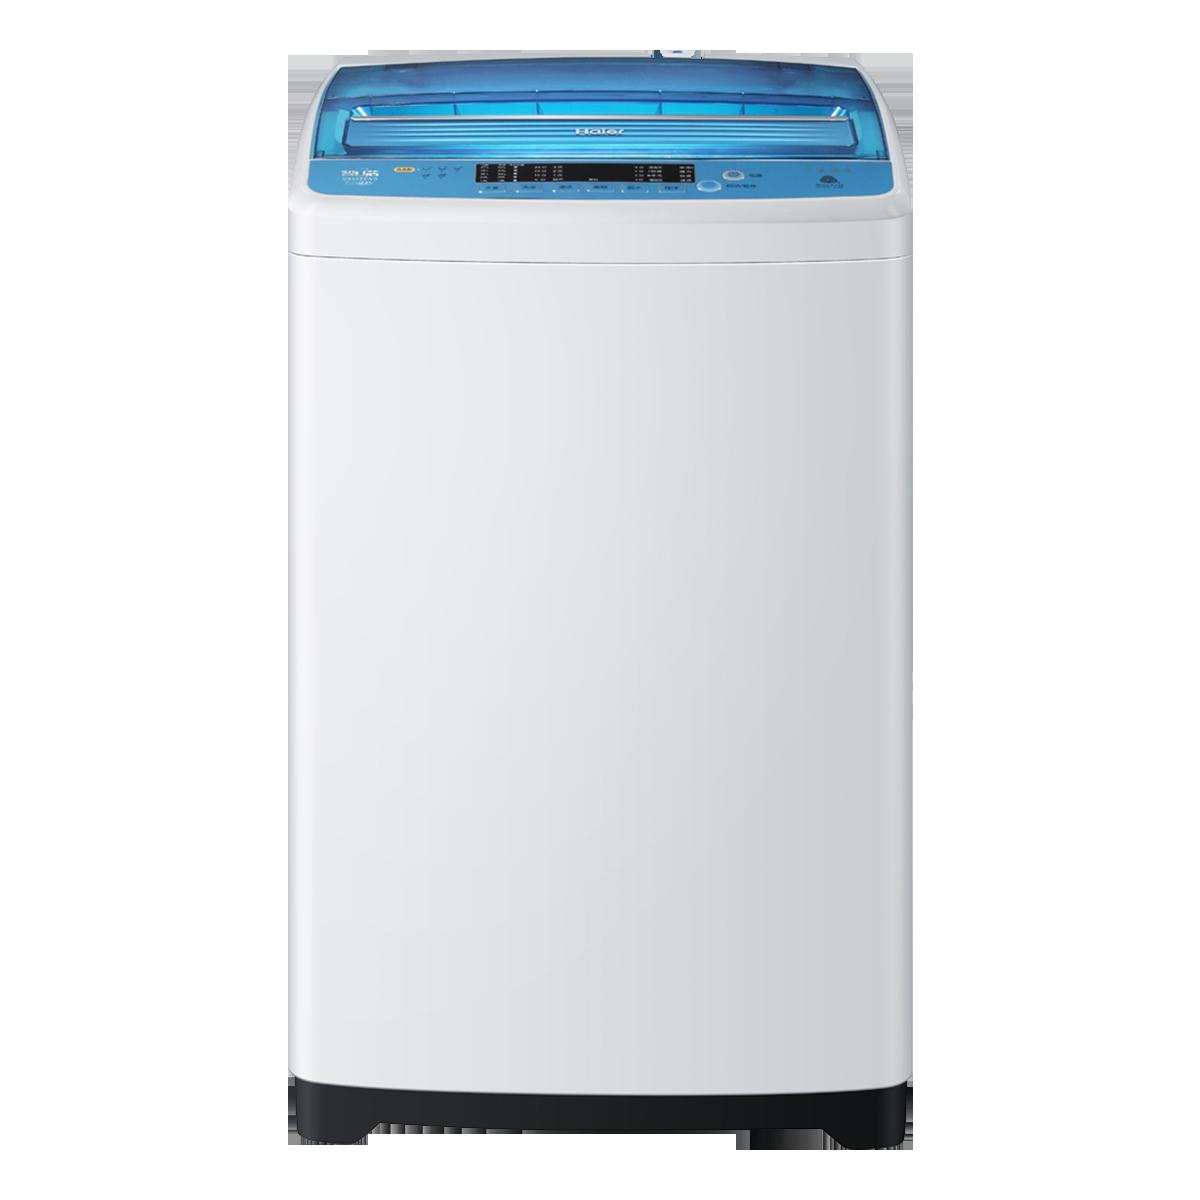 海尔Haier洗衣机 EB60Z2WD 说明书